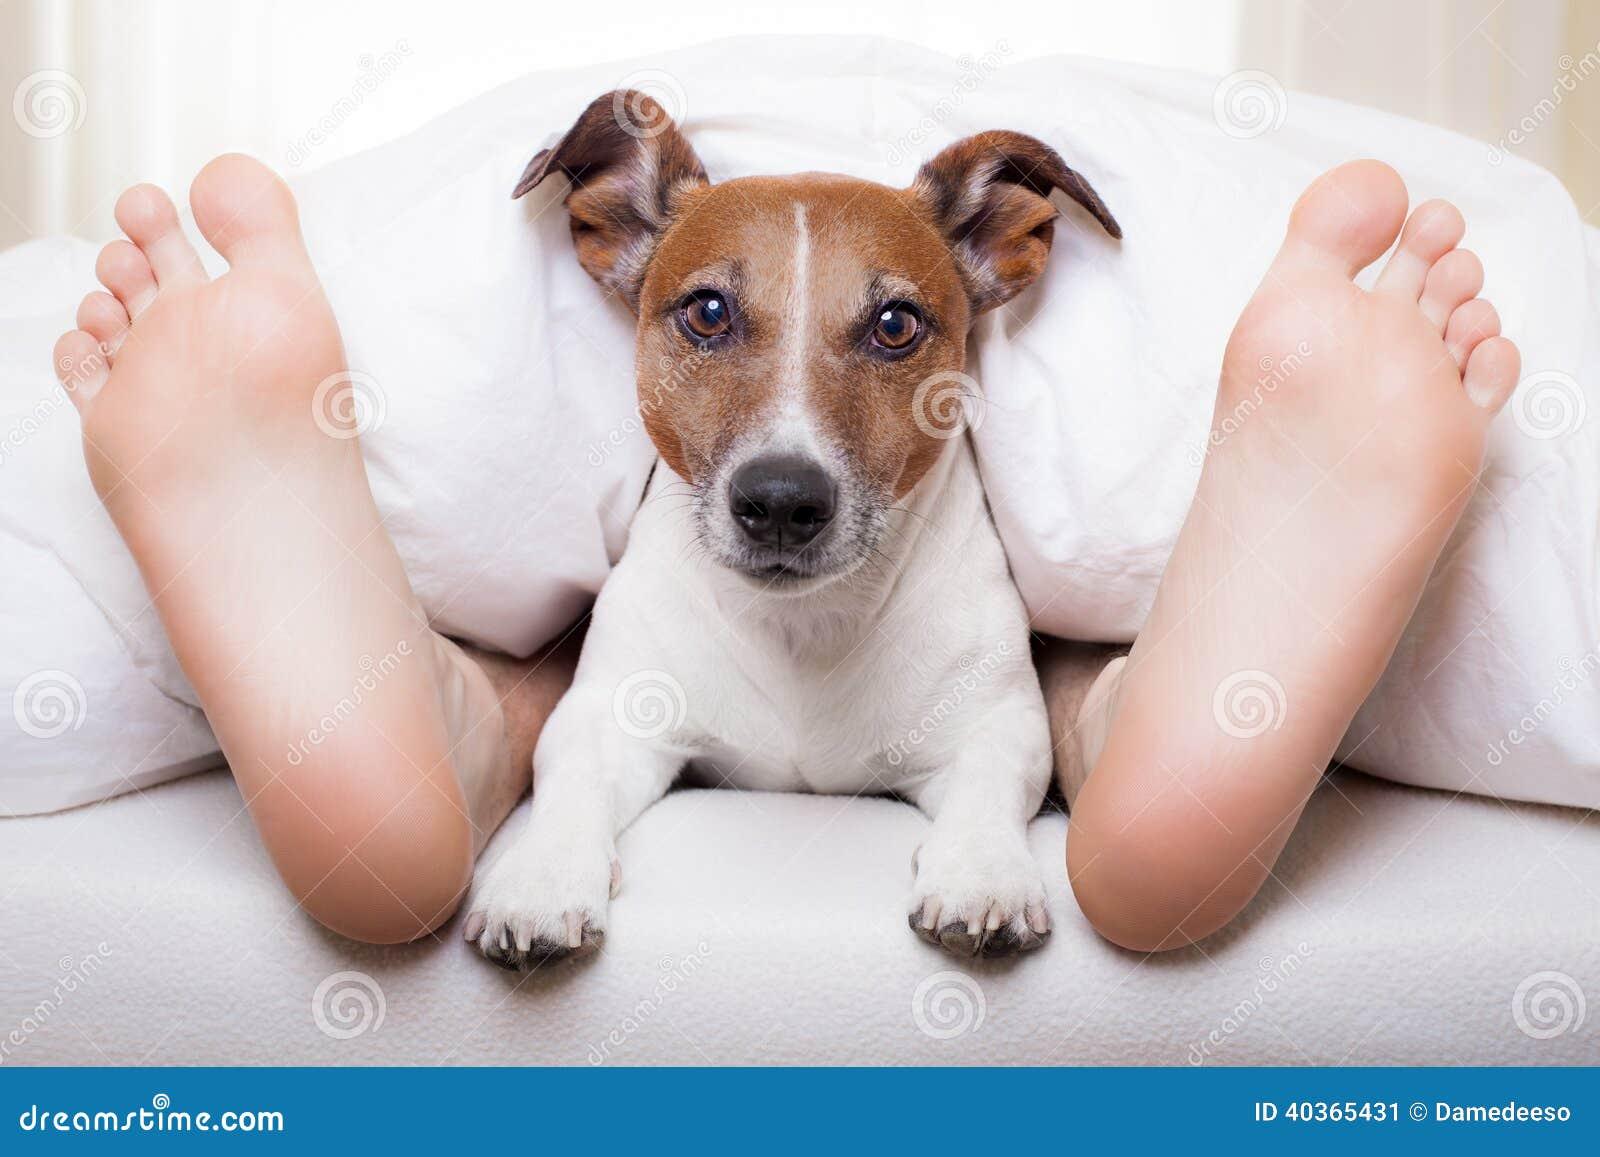 Dog Training Unlimited